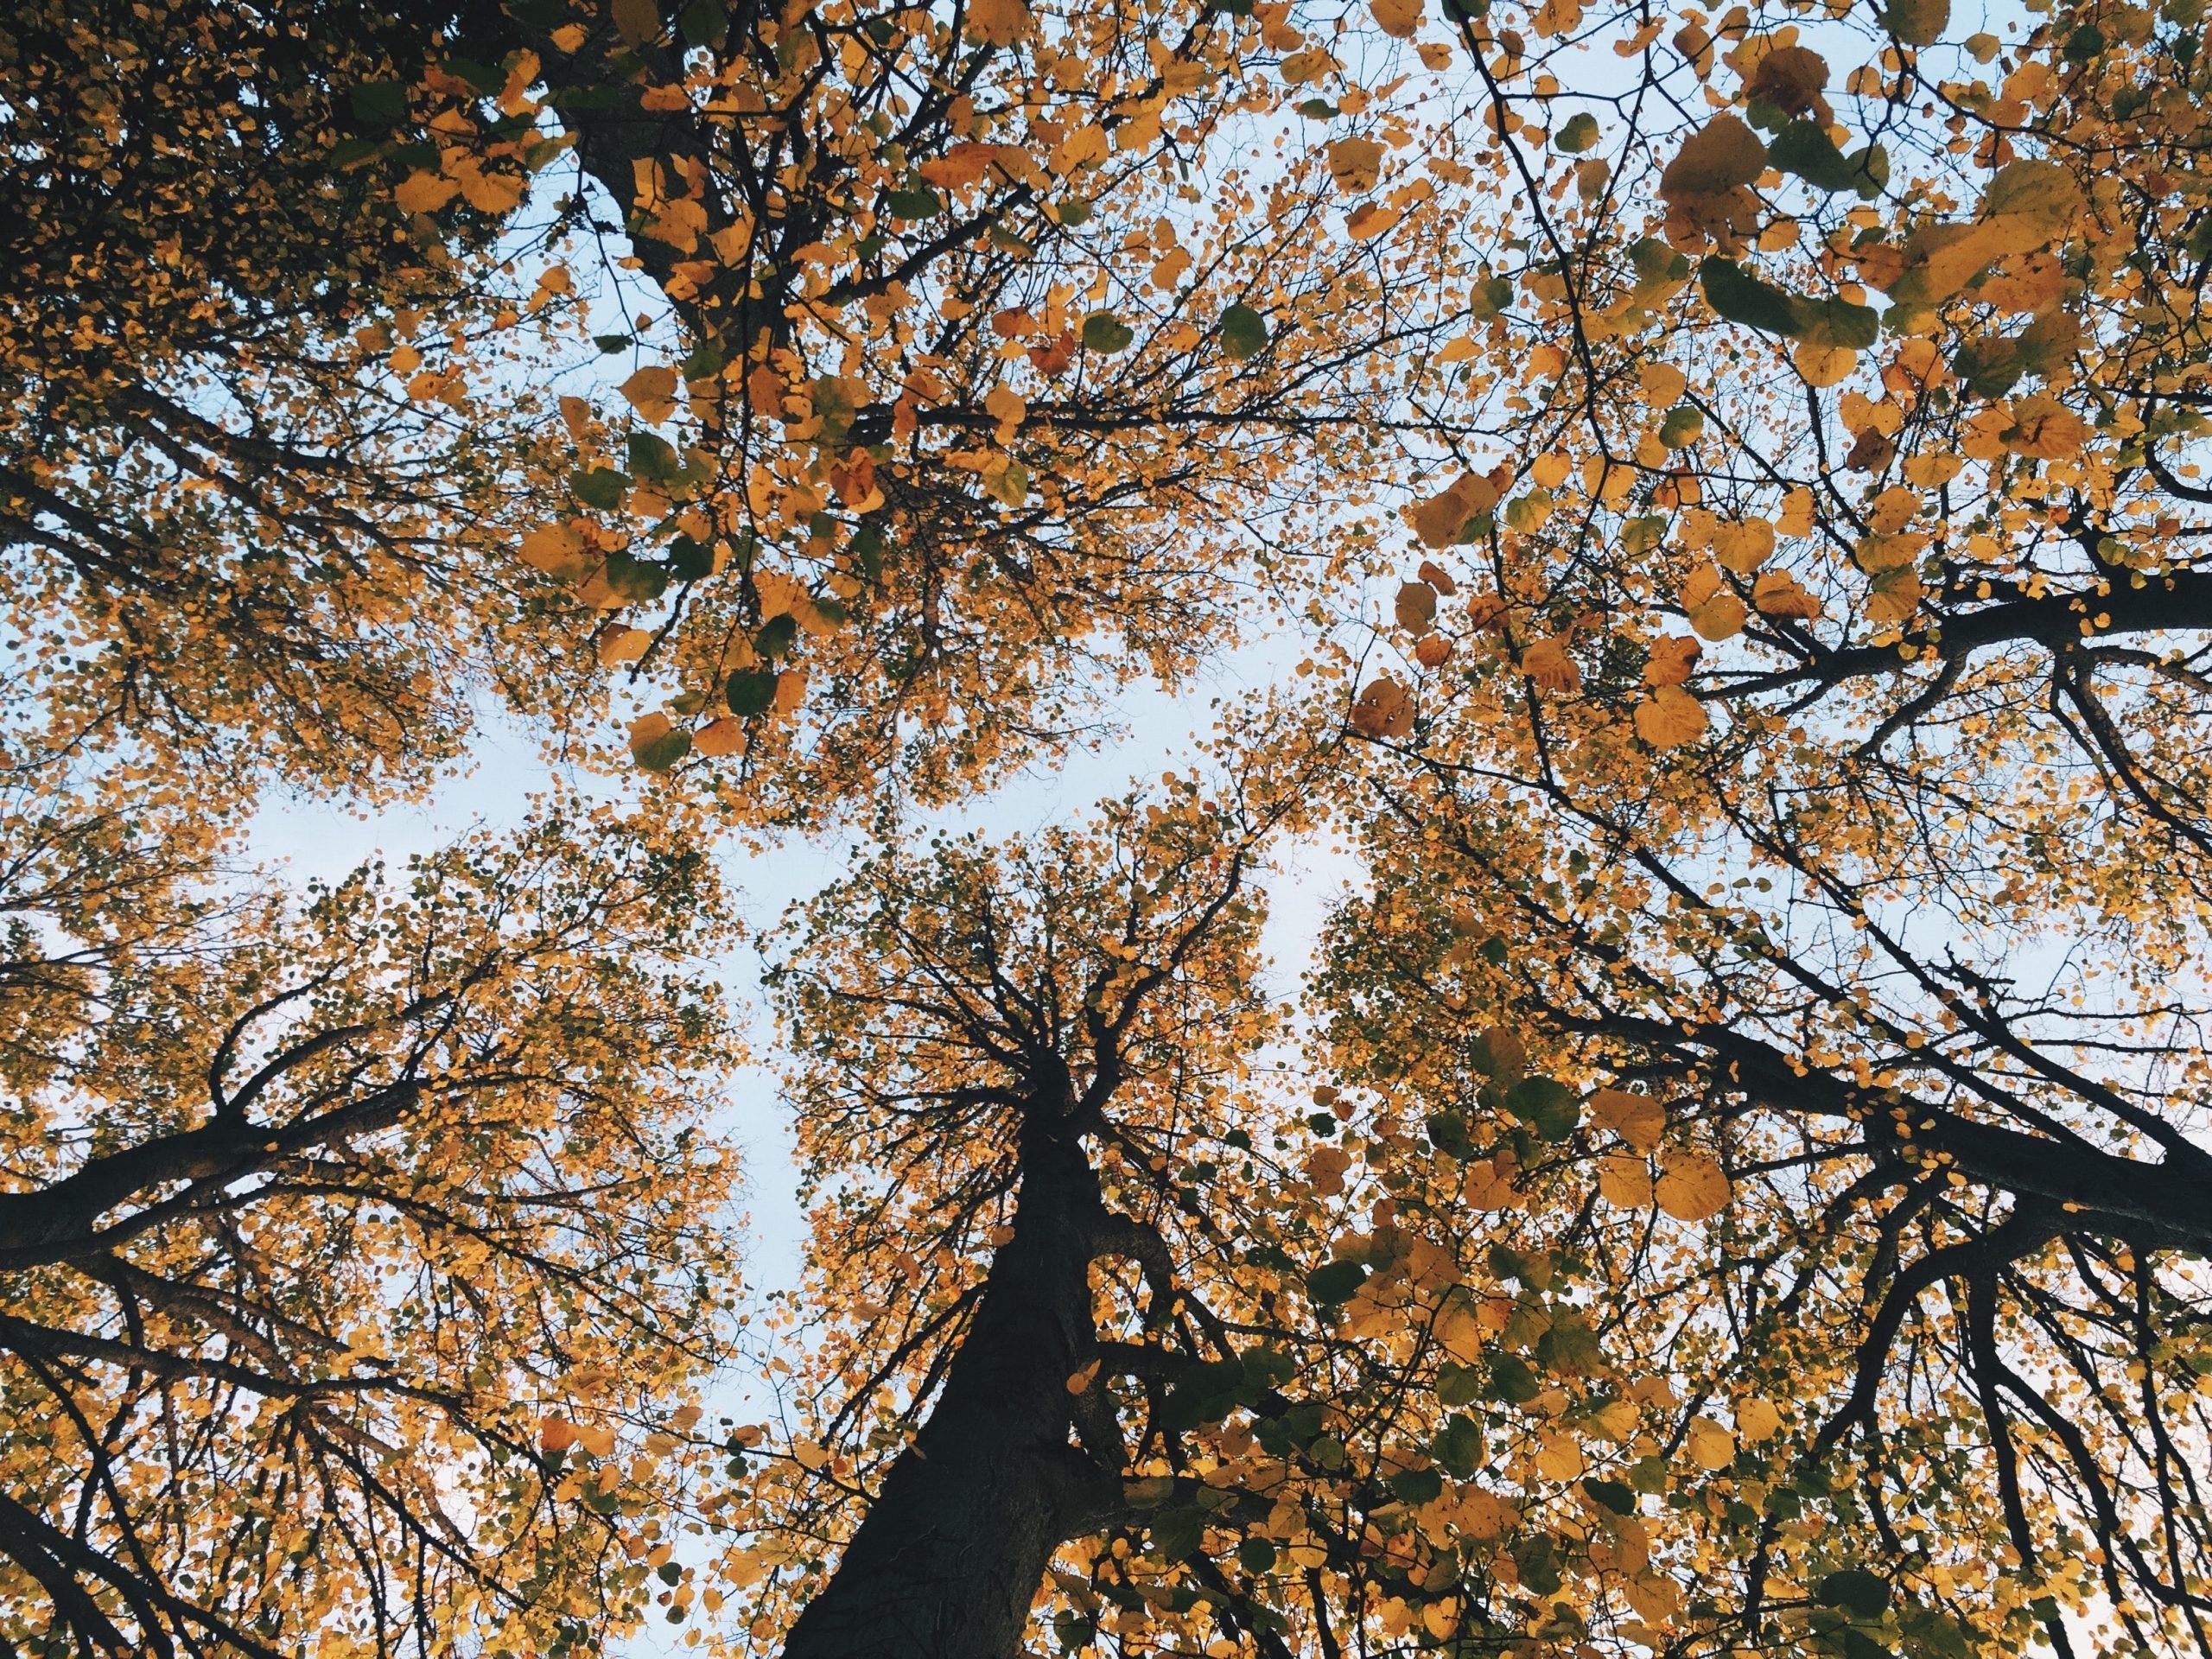 Pasien Covid-19 Isolasi Diri di Atas Pohon Selama 11 Hari, Ini Alasannya